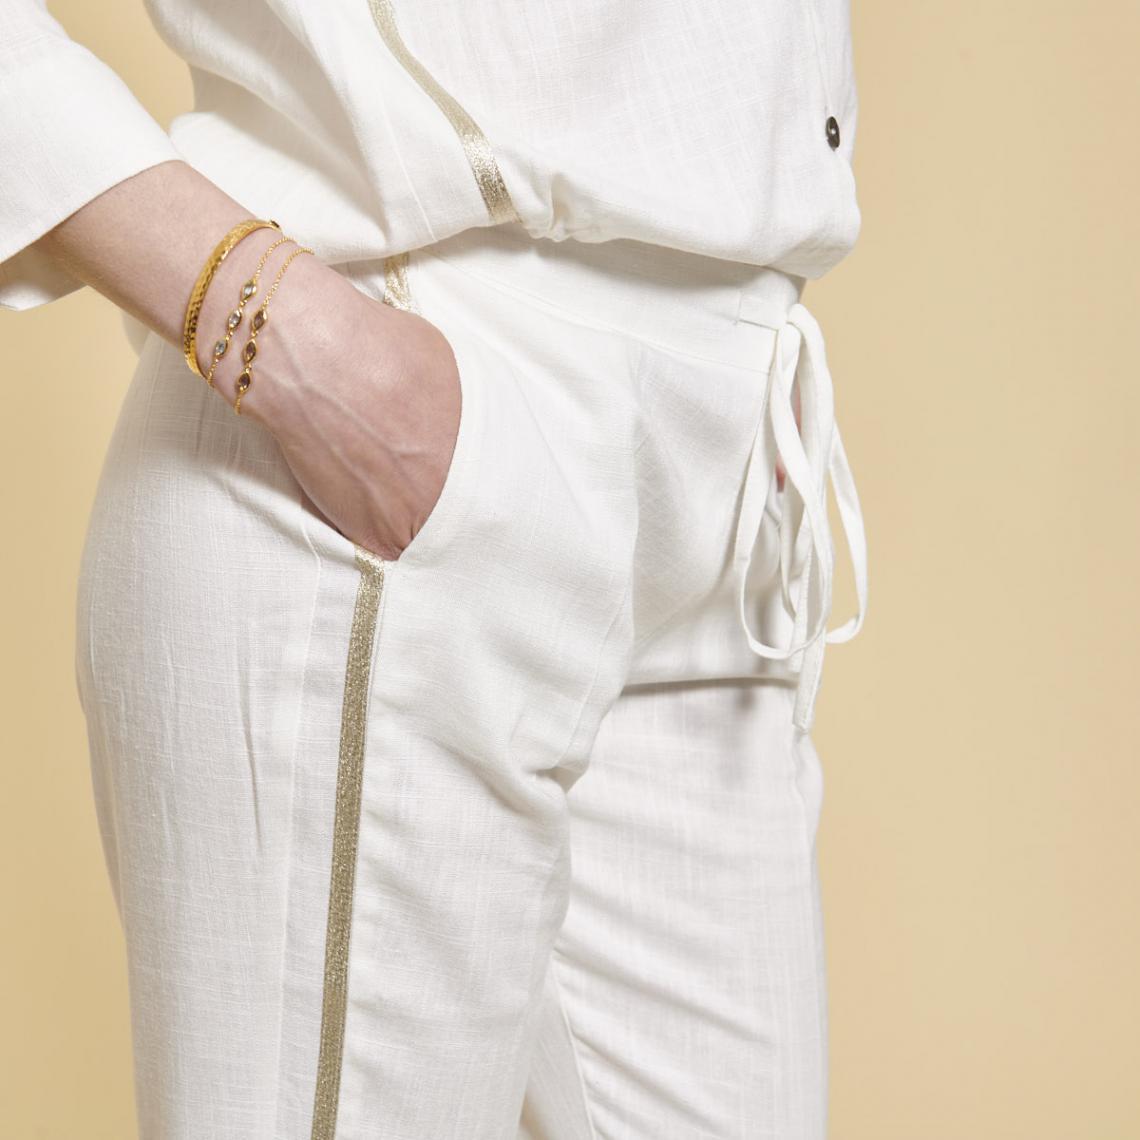 fd1c3f85701a9 Pantalon en lin avec bandes appliquées 3 SUISSES Collection